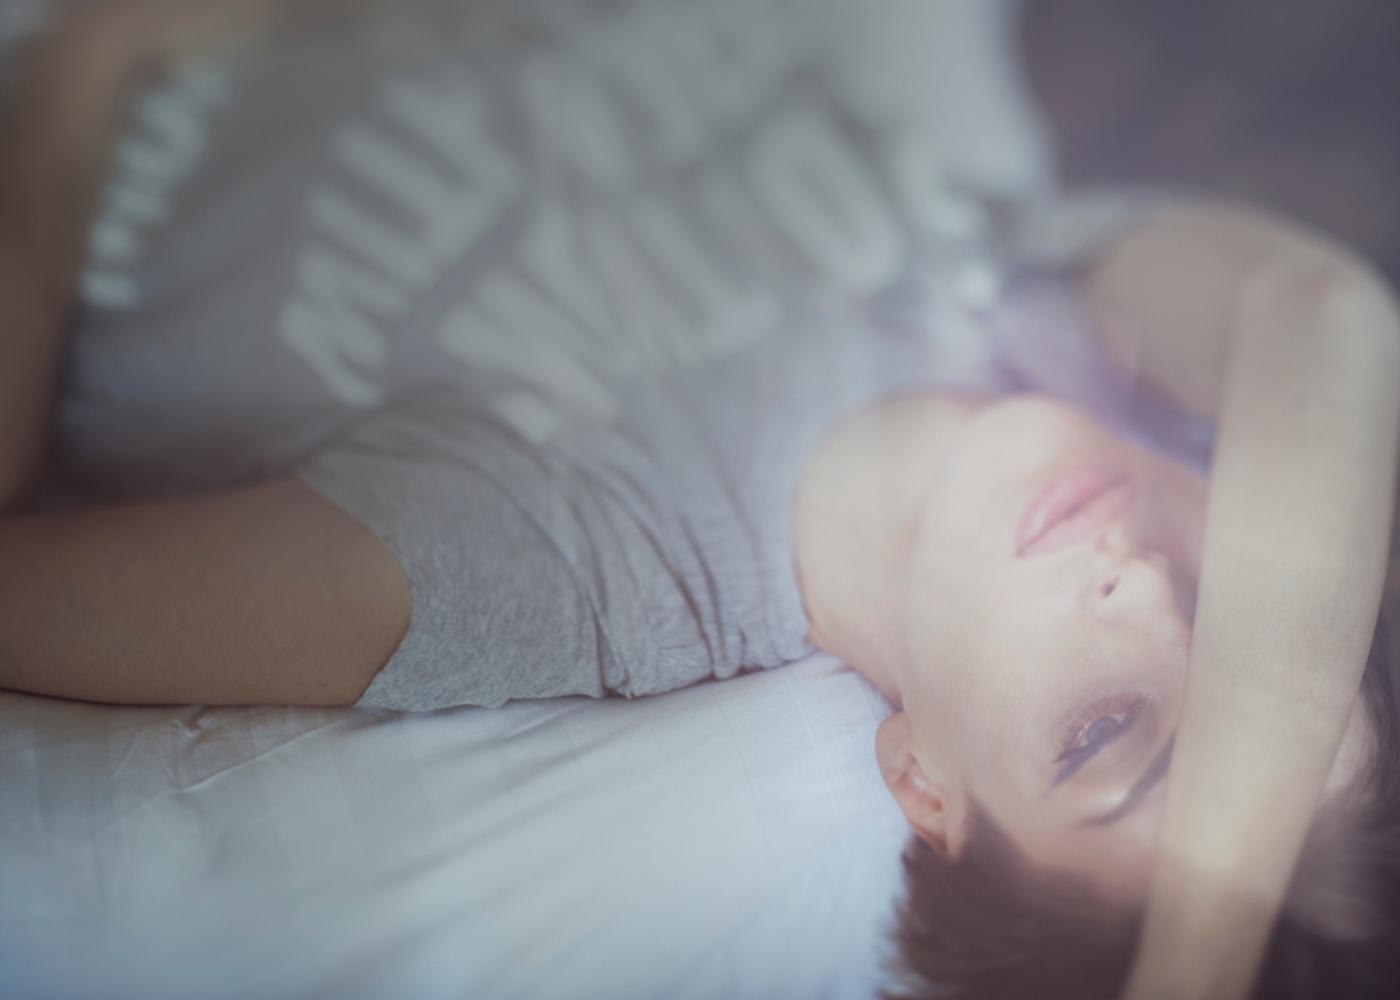 Proteger a saúde mental em caso de isolamento: mulher deitada na cama em período de quarentena